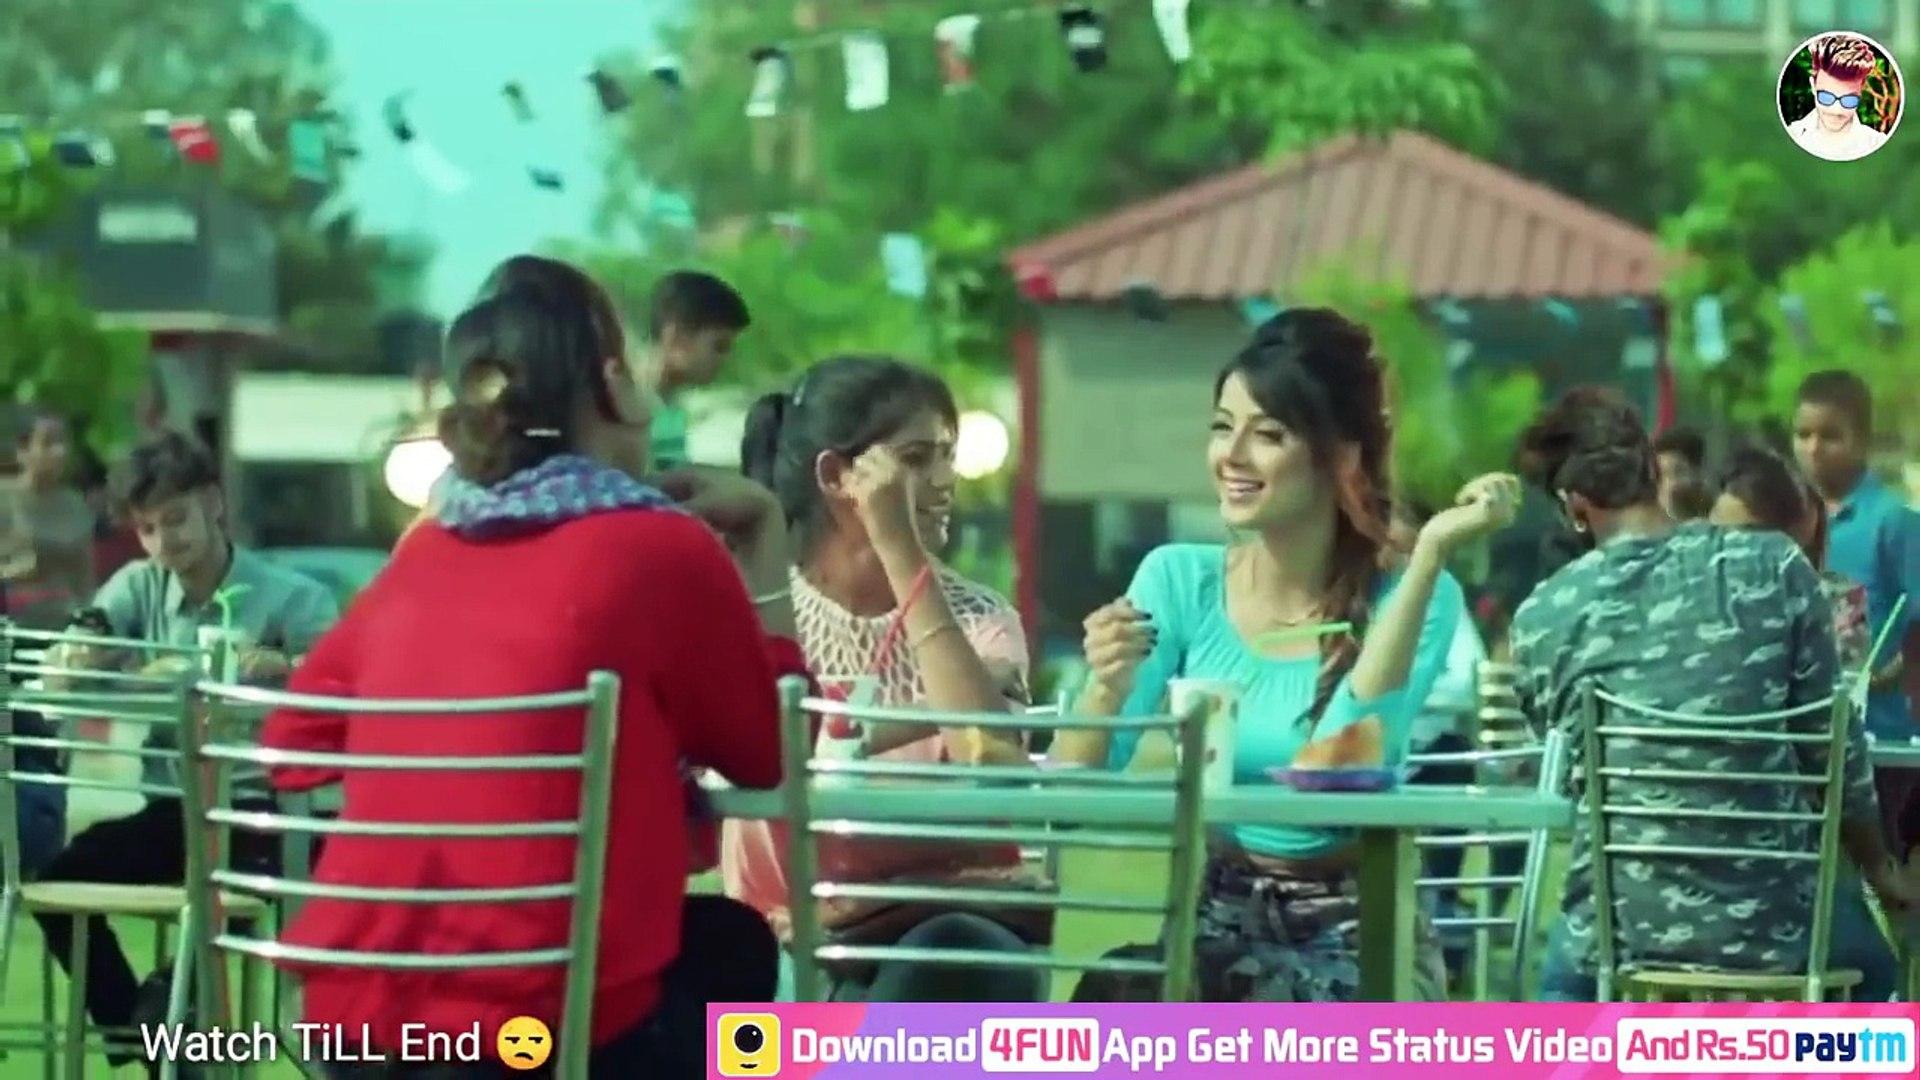 New WhatsApp Status Video 2018 , punjabi song,new punjabi song,indian  punjabi song,punjabi music, new punjabi song 2017, pakistani punjabi song,  punjabi song 2017,punjabi singer,new punjabi sad